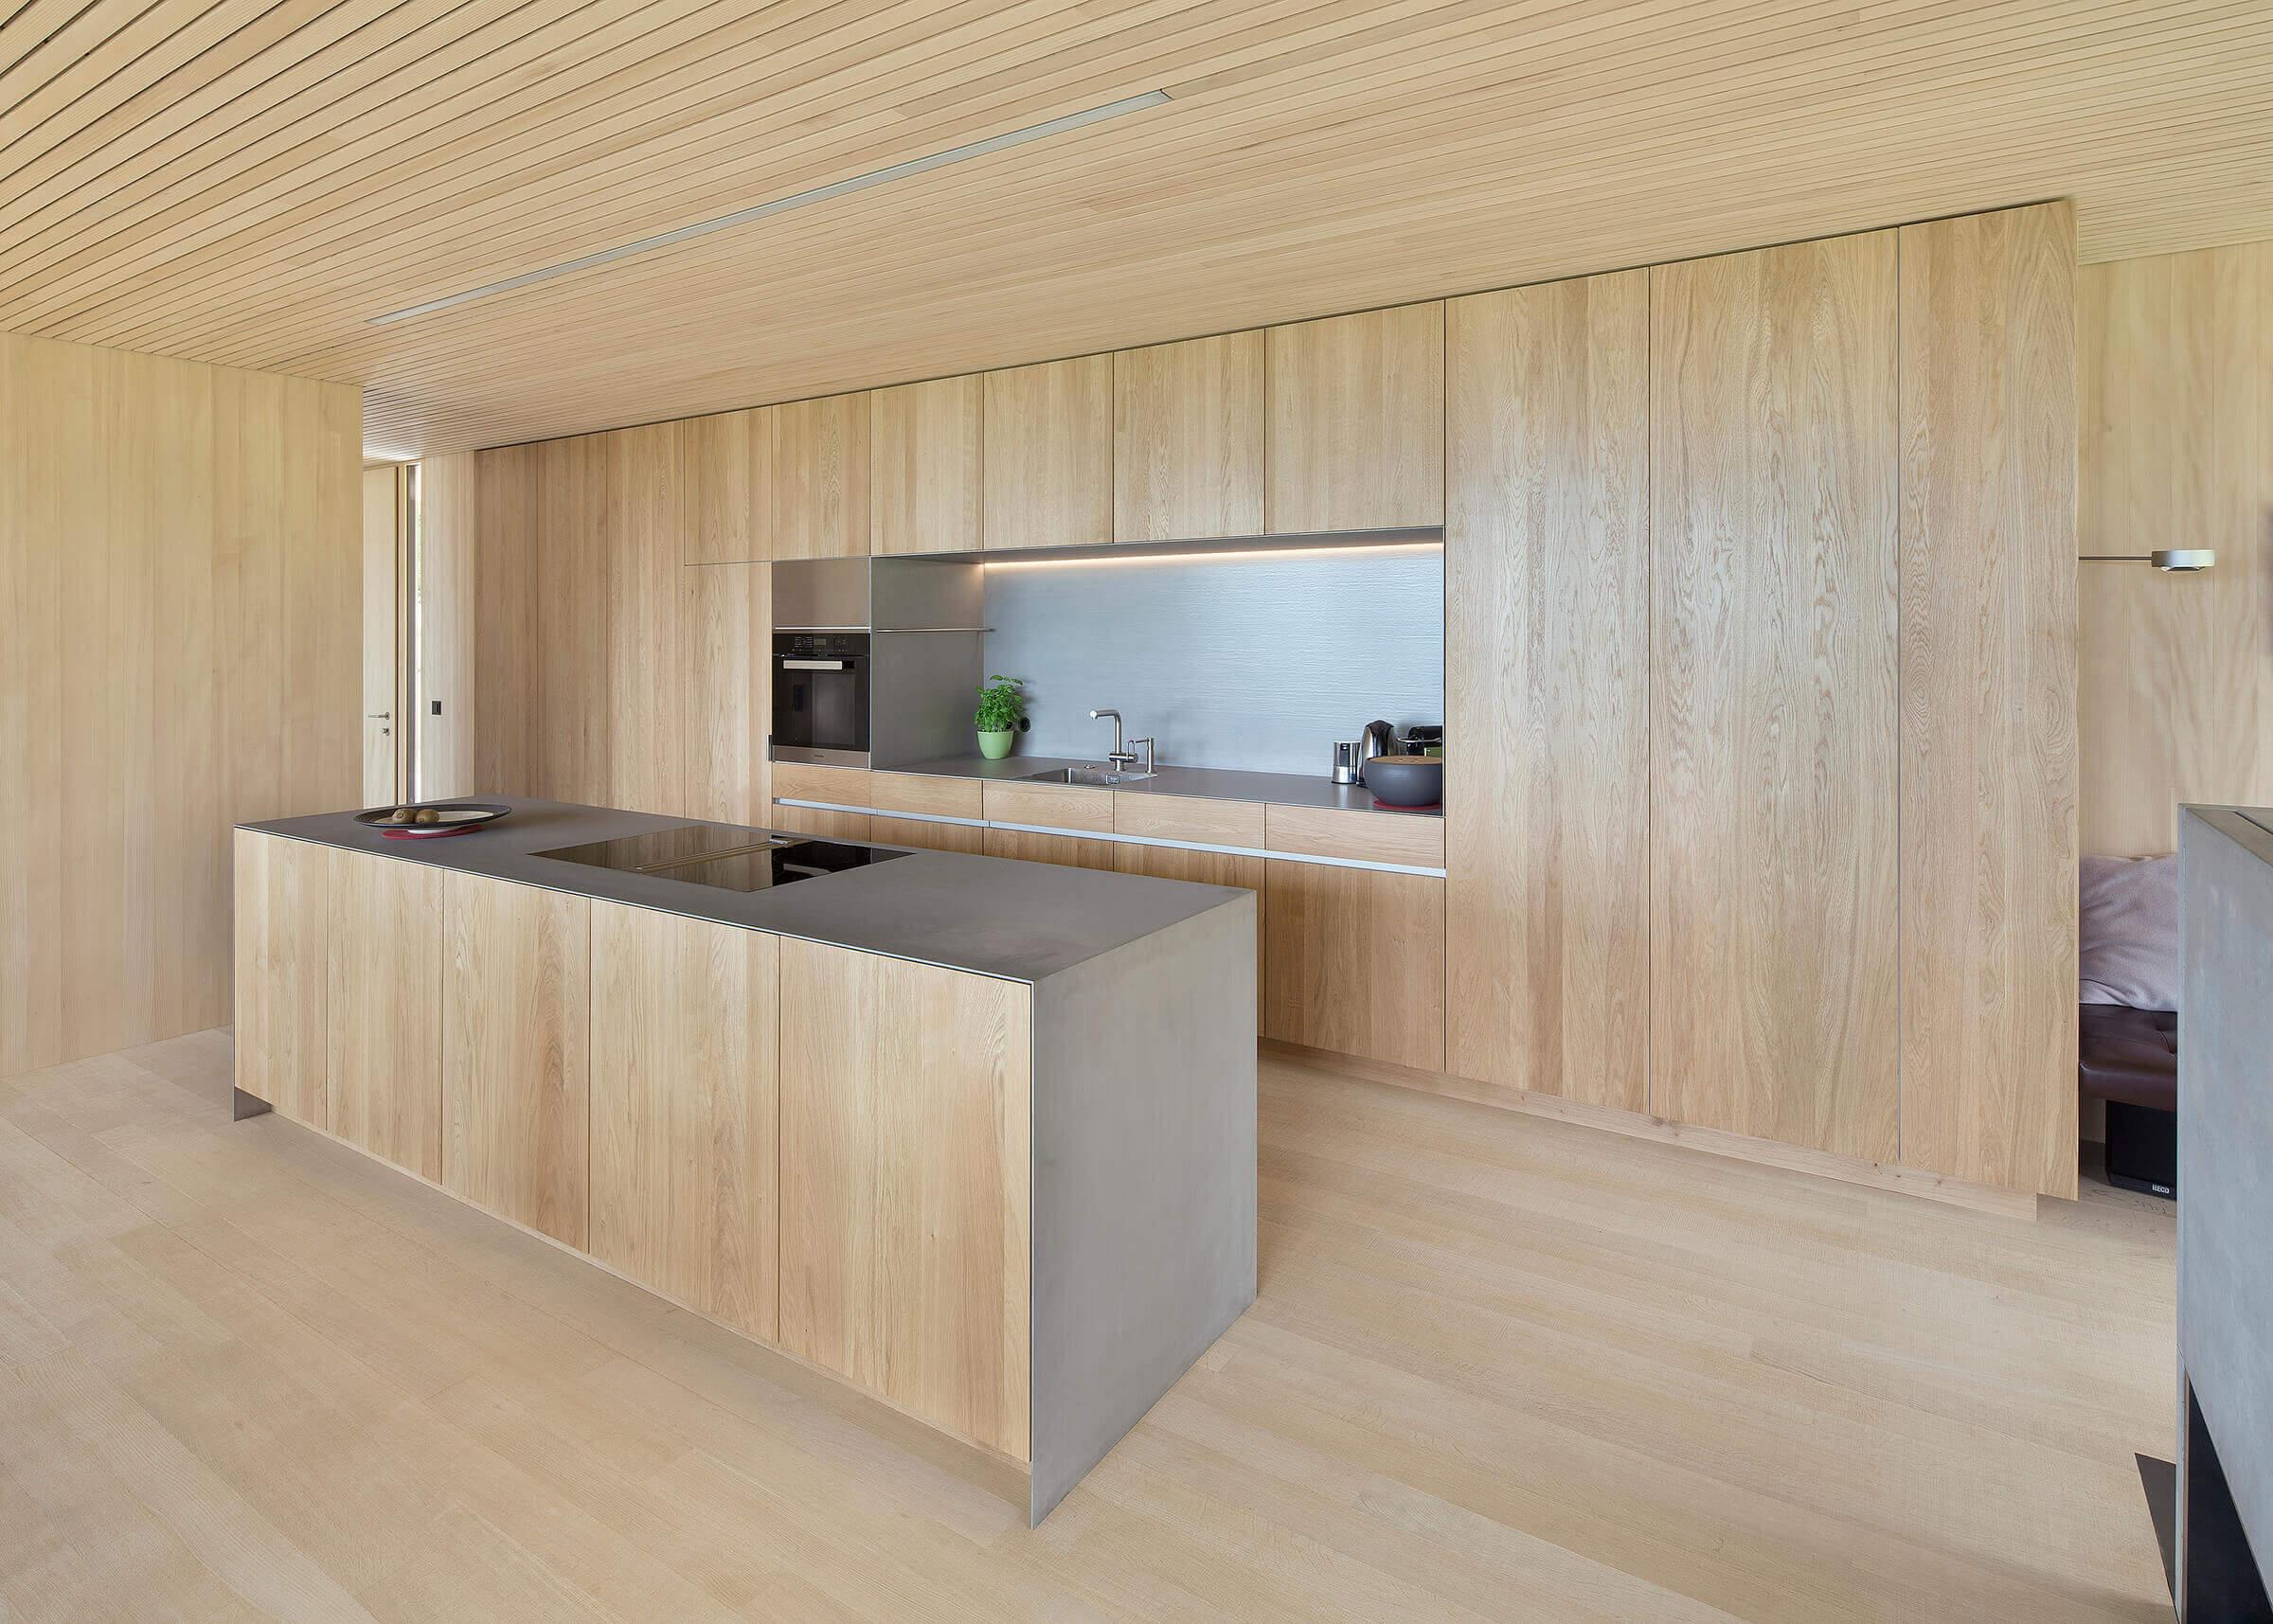 Küche mit Holzboden und mit Kochinsel Foto: Dietrich | Untertrifaller (Angela Lamprecht)